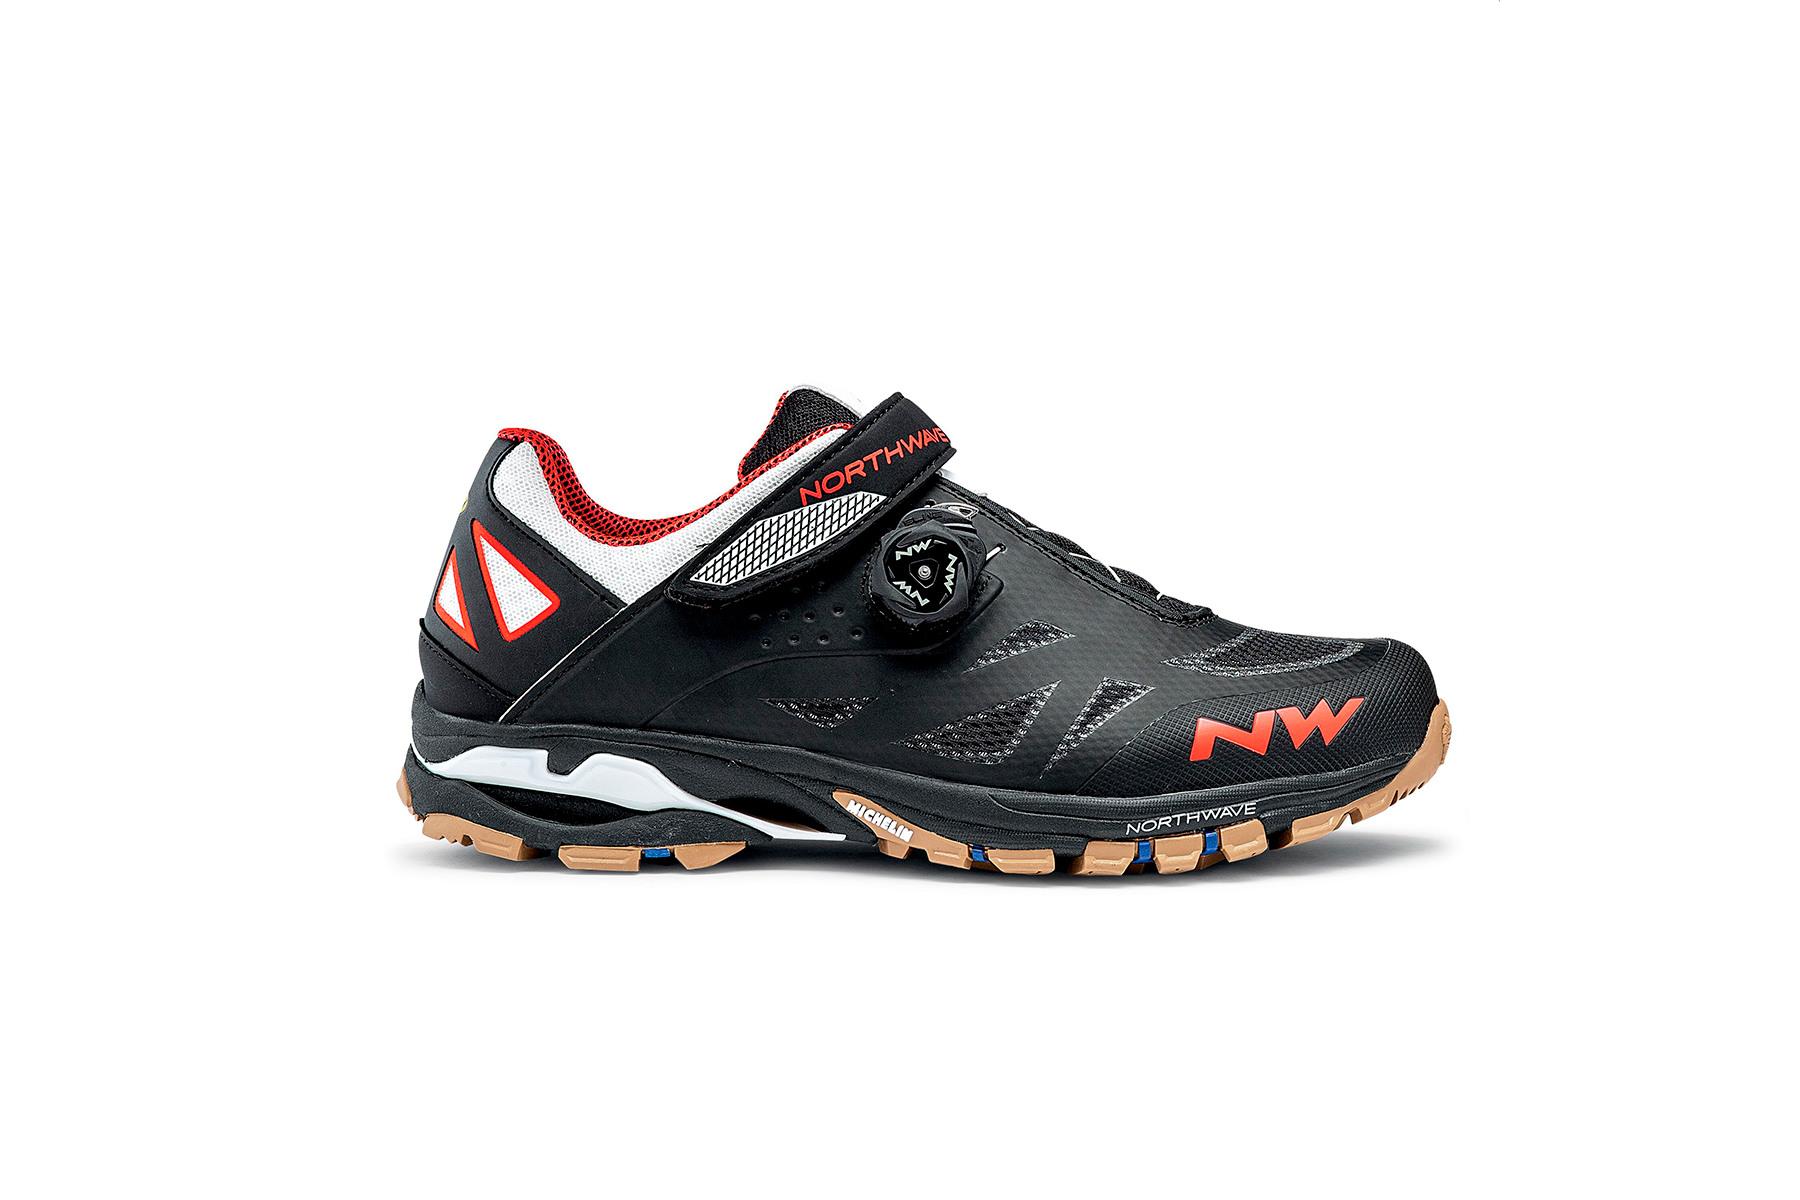 Chaussures VTT Northwave Spider Plus 2 2020 Noir Blanc Orange